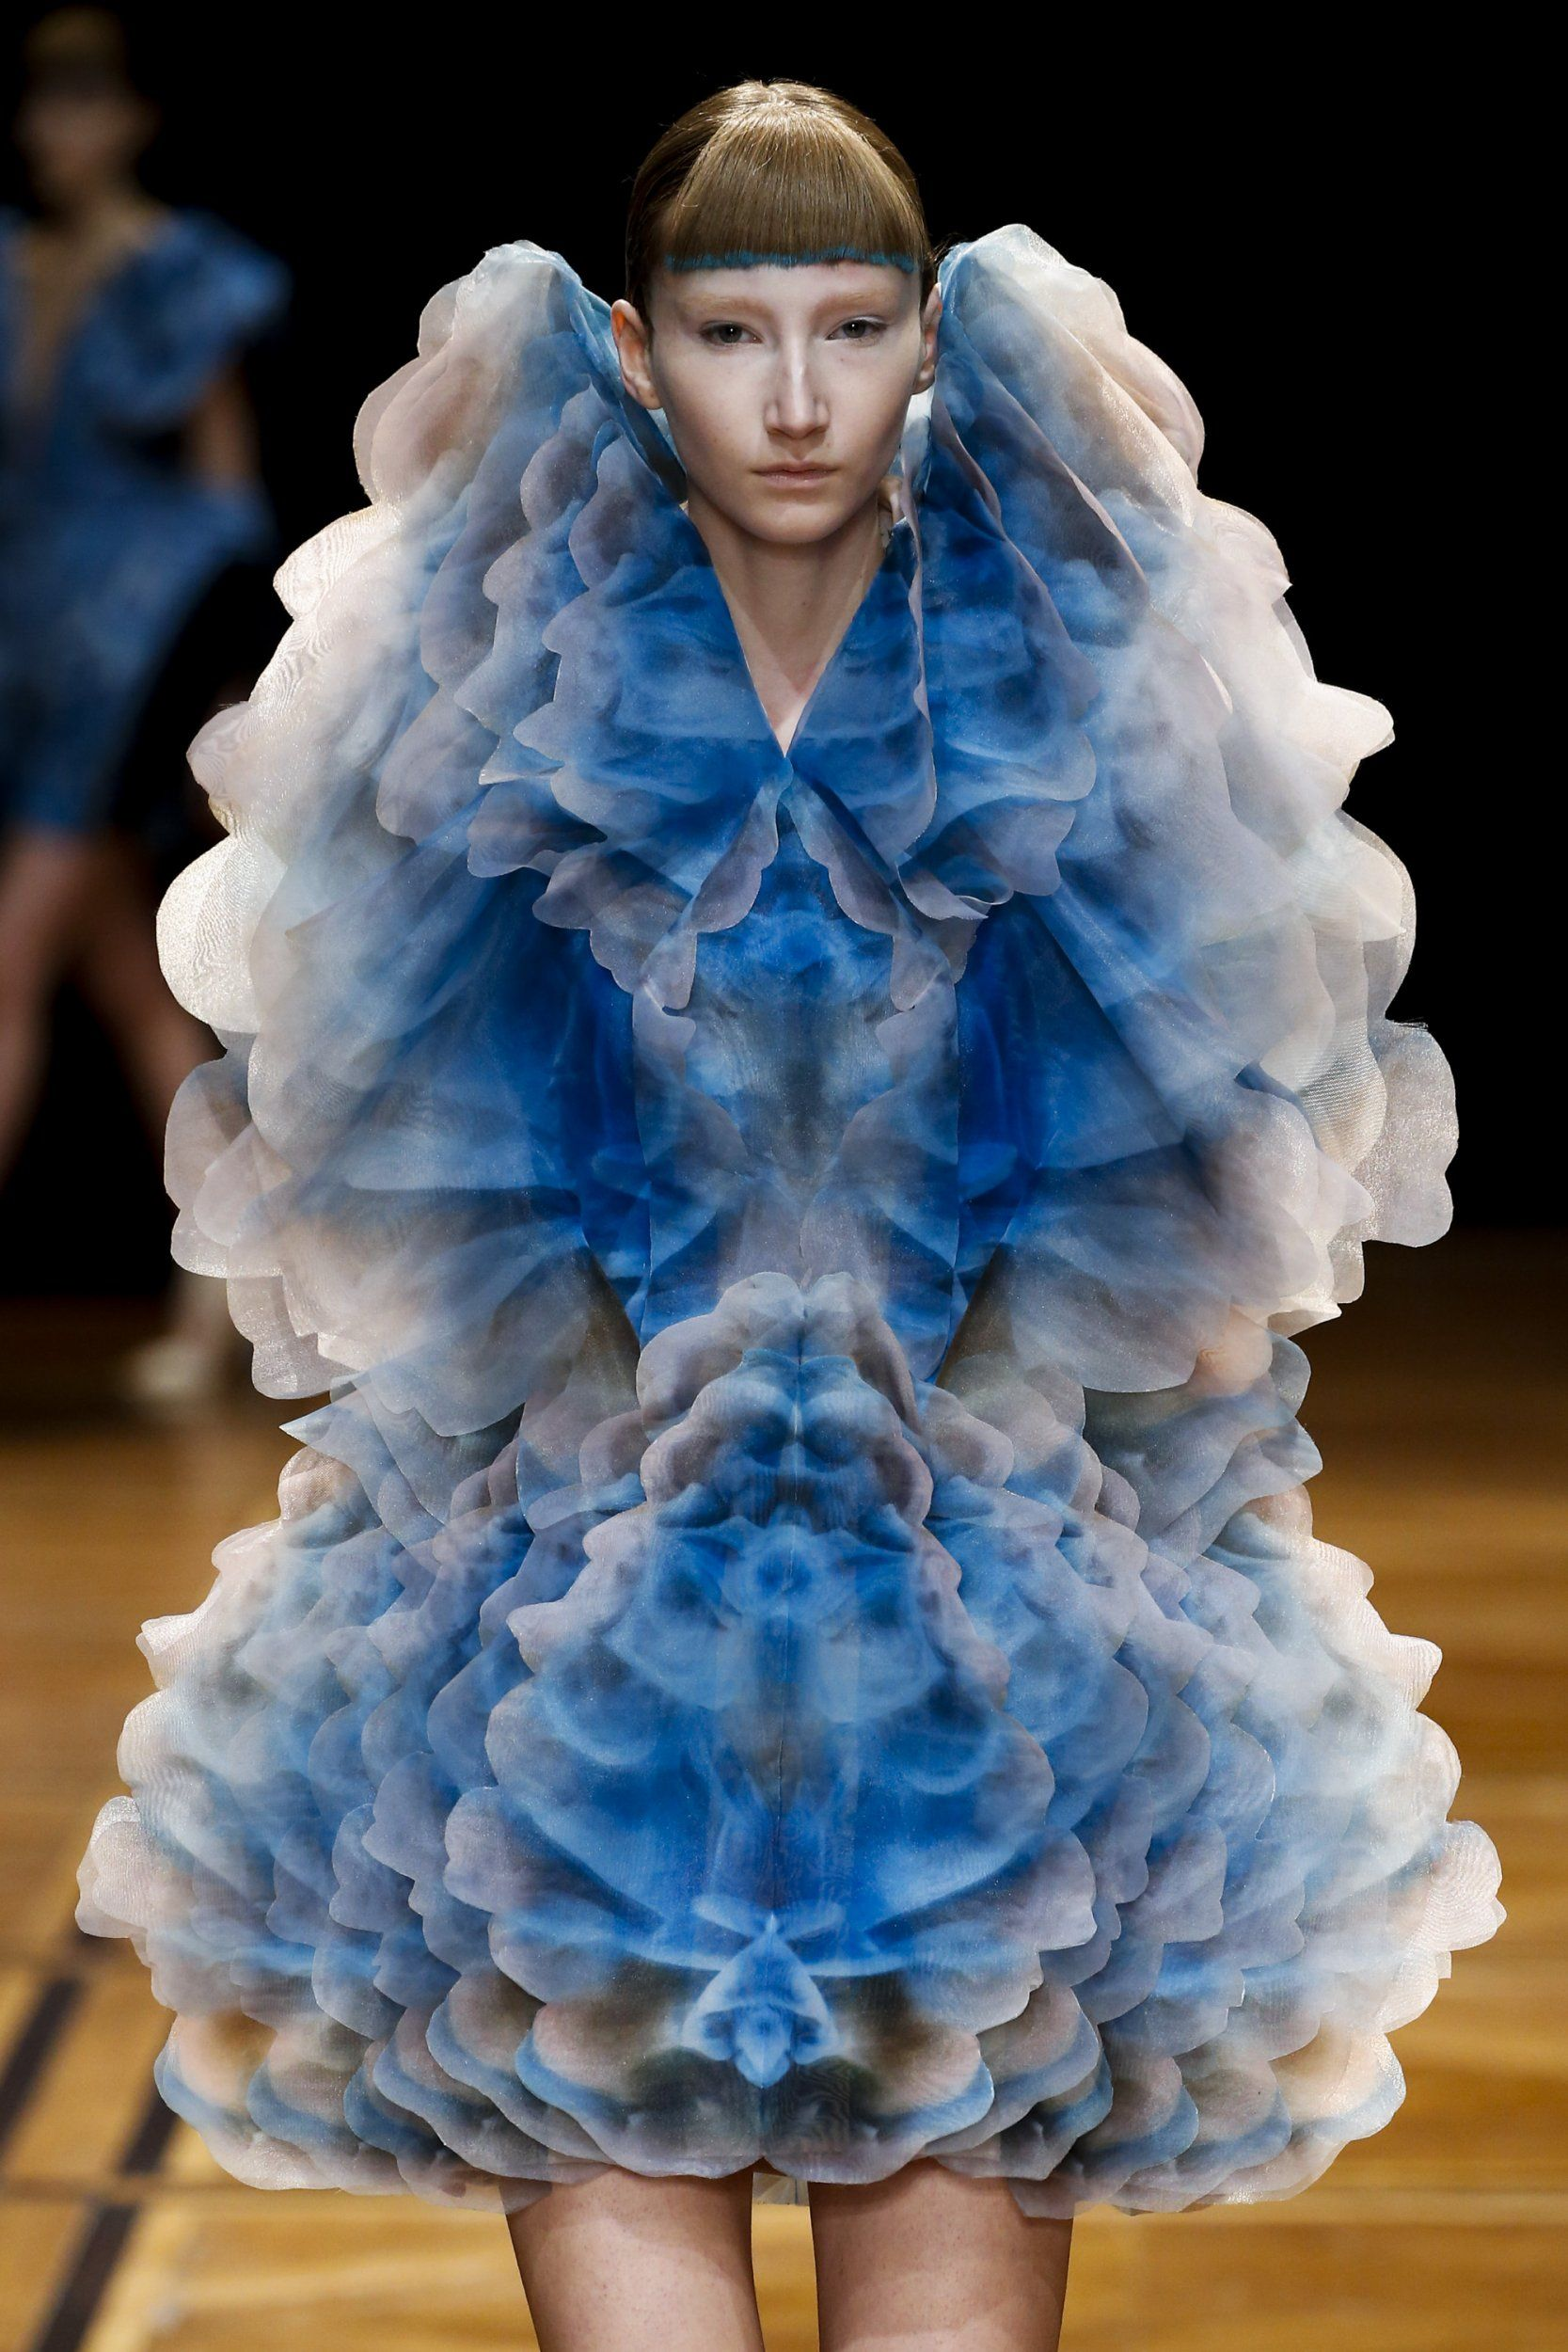 Shift Souls Couture Iris Van Herpen Iris Van Herpen Iris Wearable Art